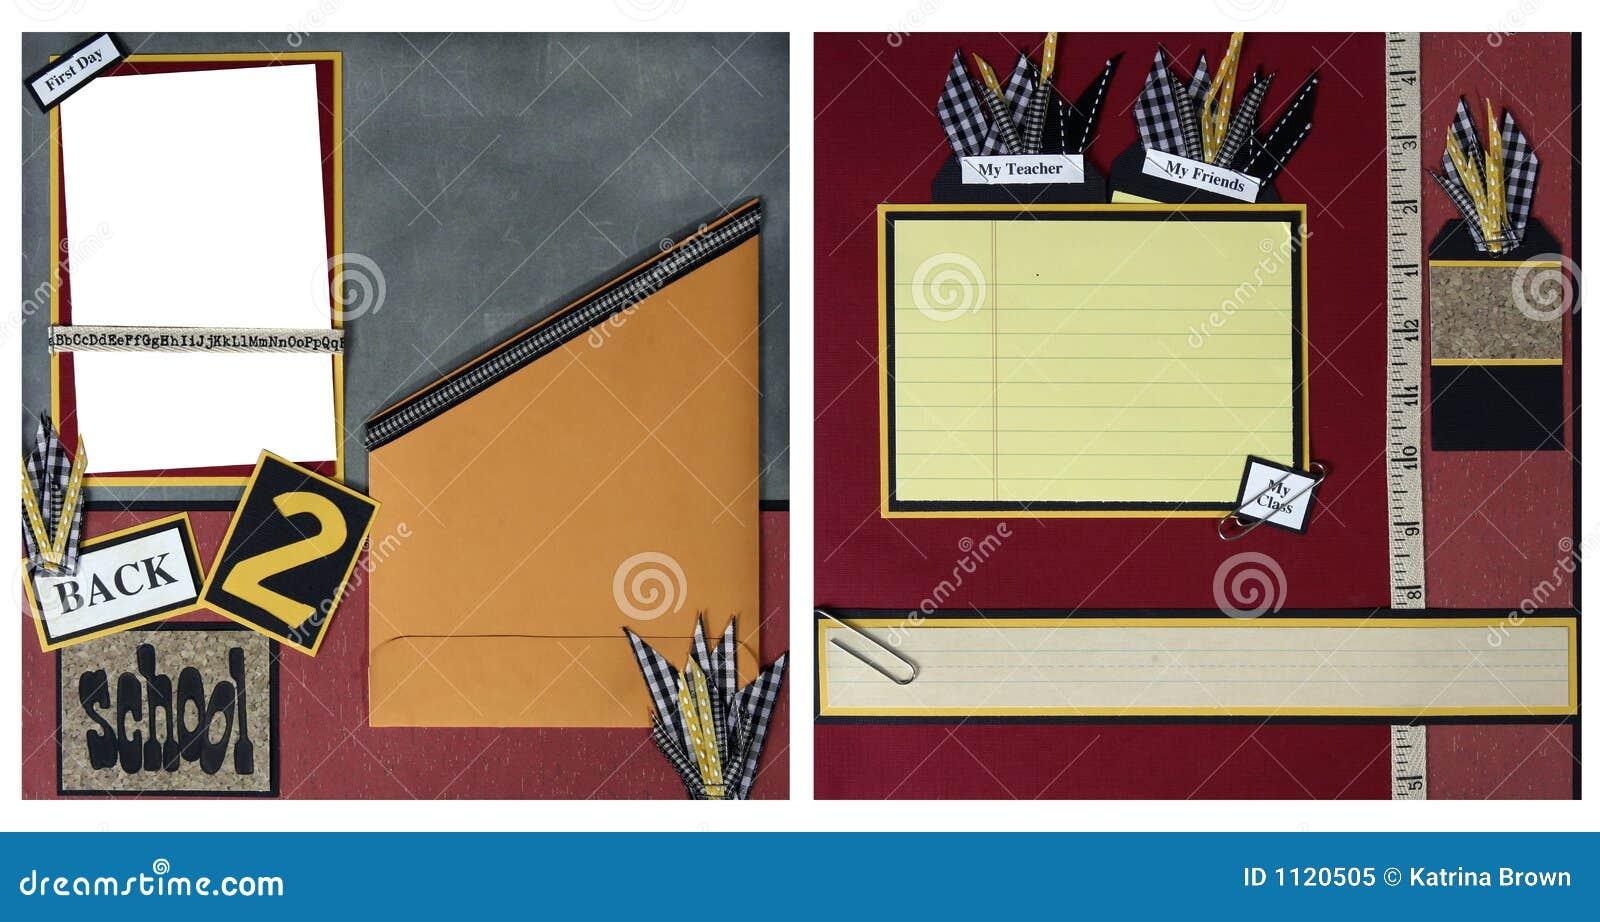 download back to school scrapbook frame template stock illustration illustration of frame book